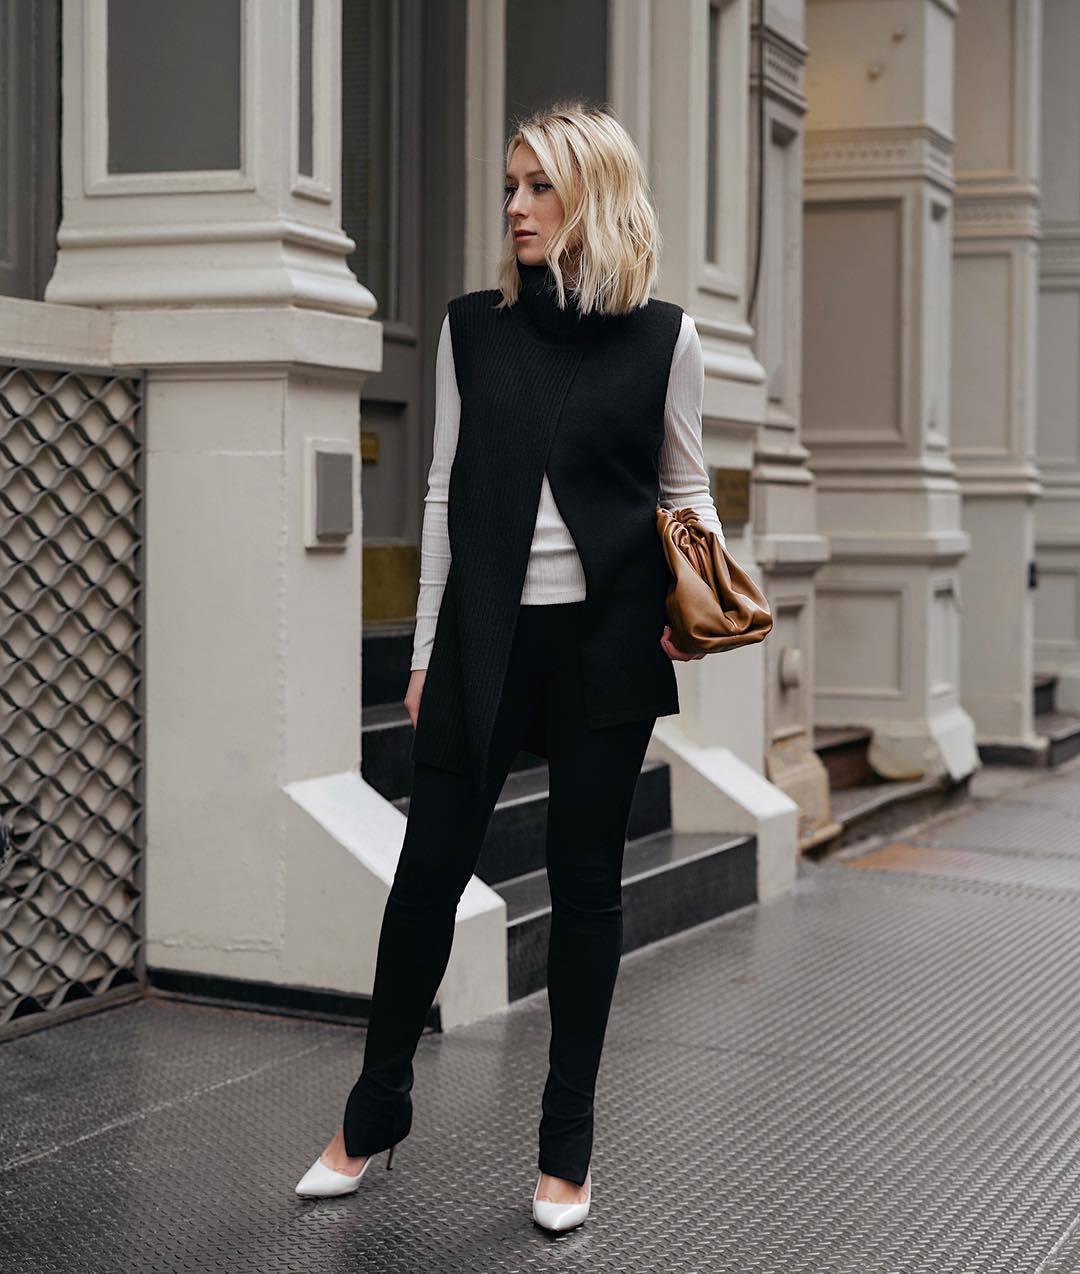 pants black leggings pumps vest white top bag